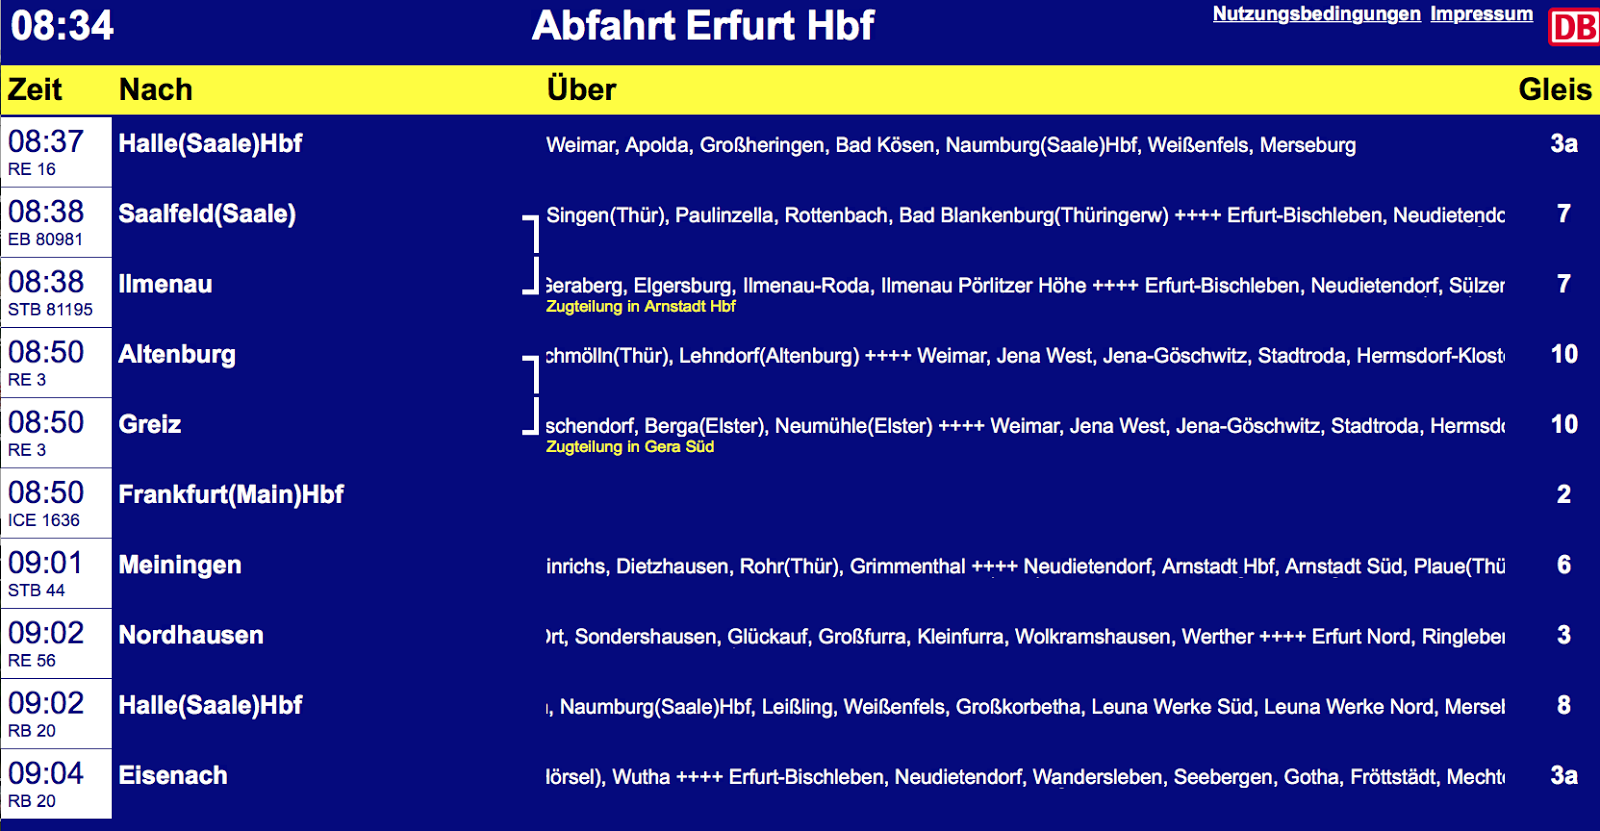 Abfahrt am Erfurter Hauptbahnhof - Live- anzeige